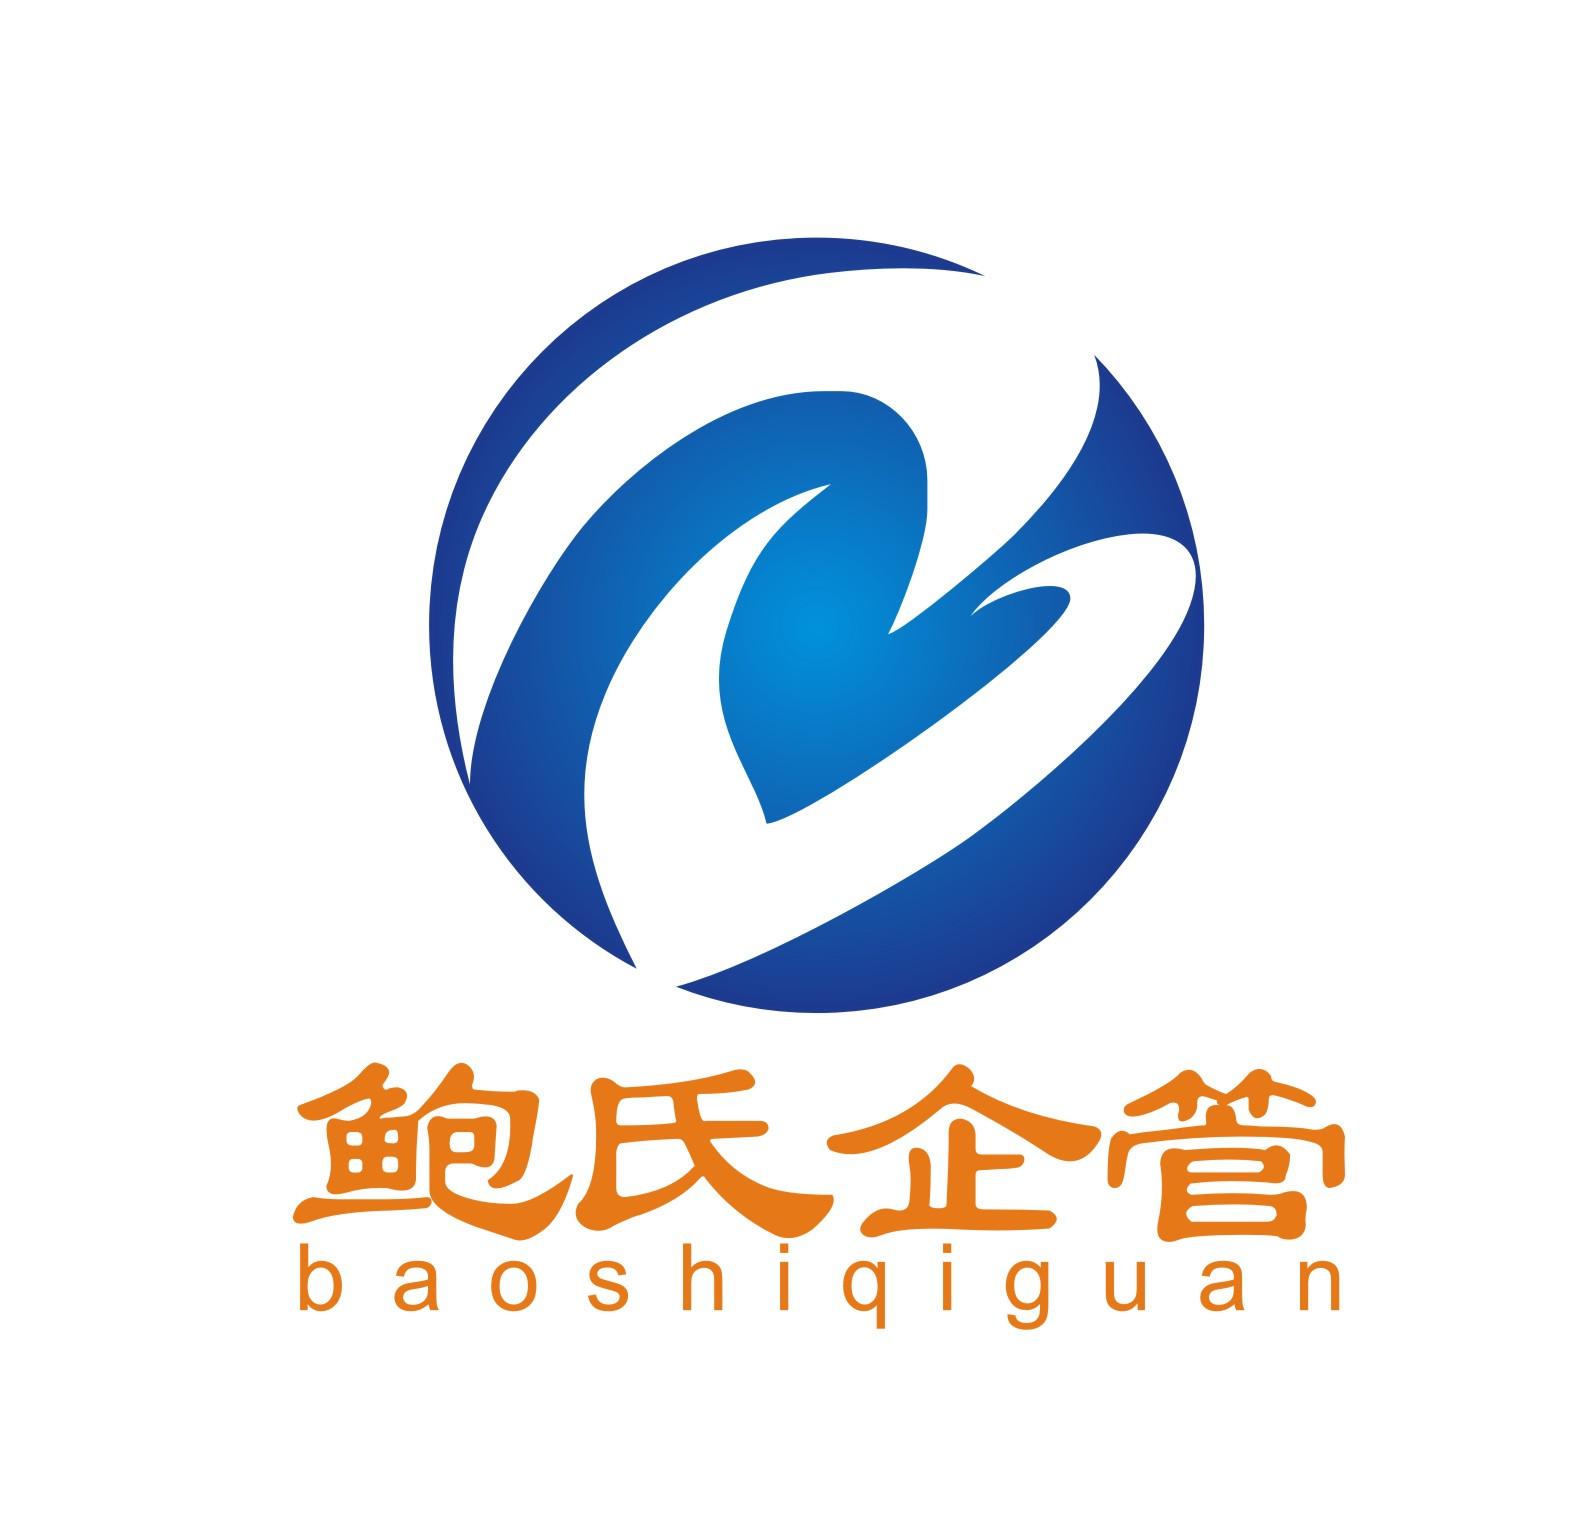 蘇州鮑氏企業管理咨詢服務有限公司